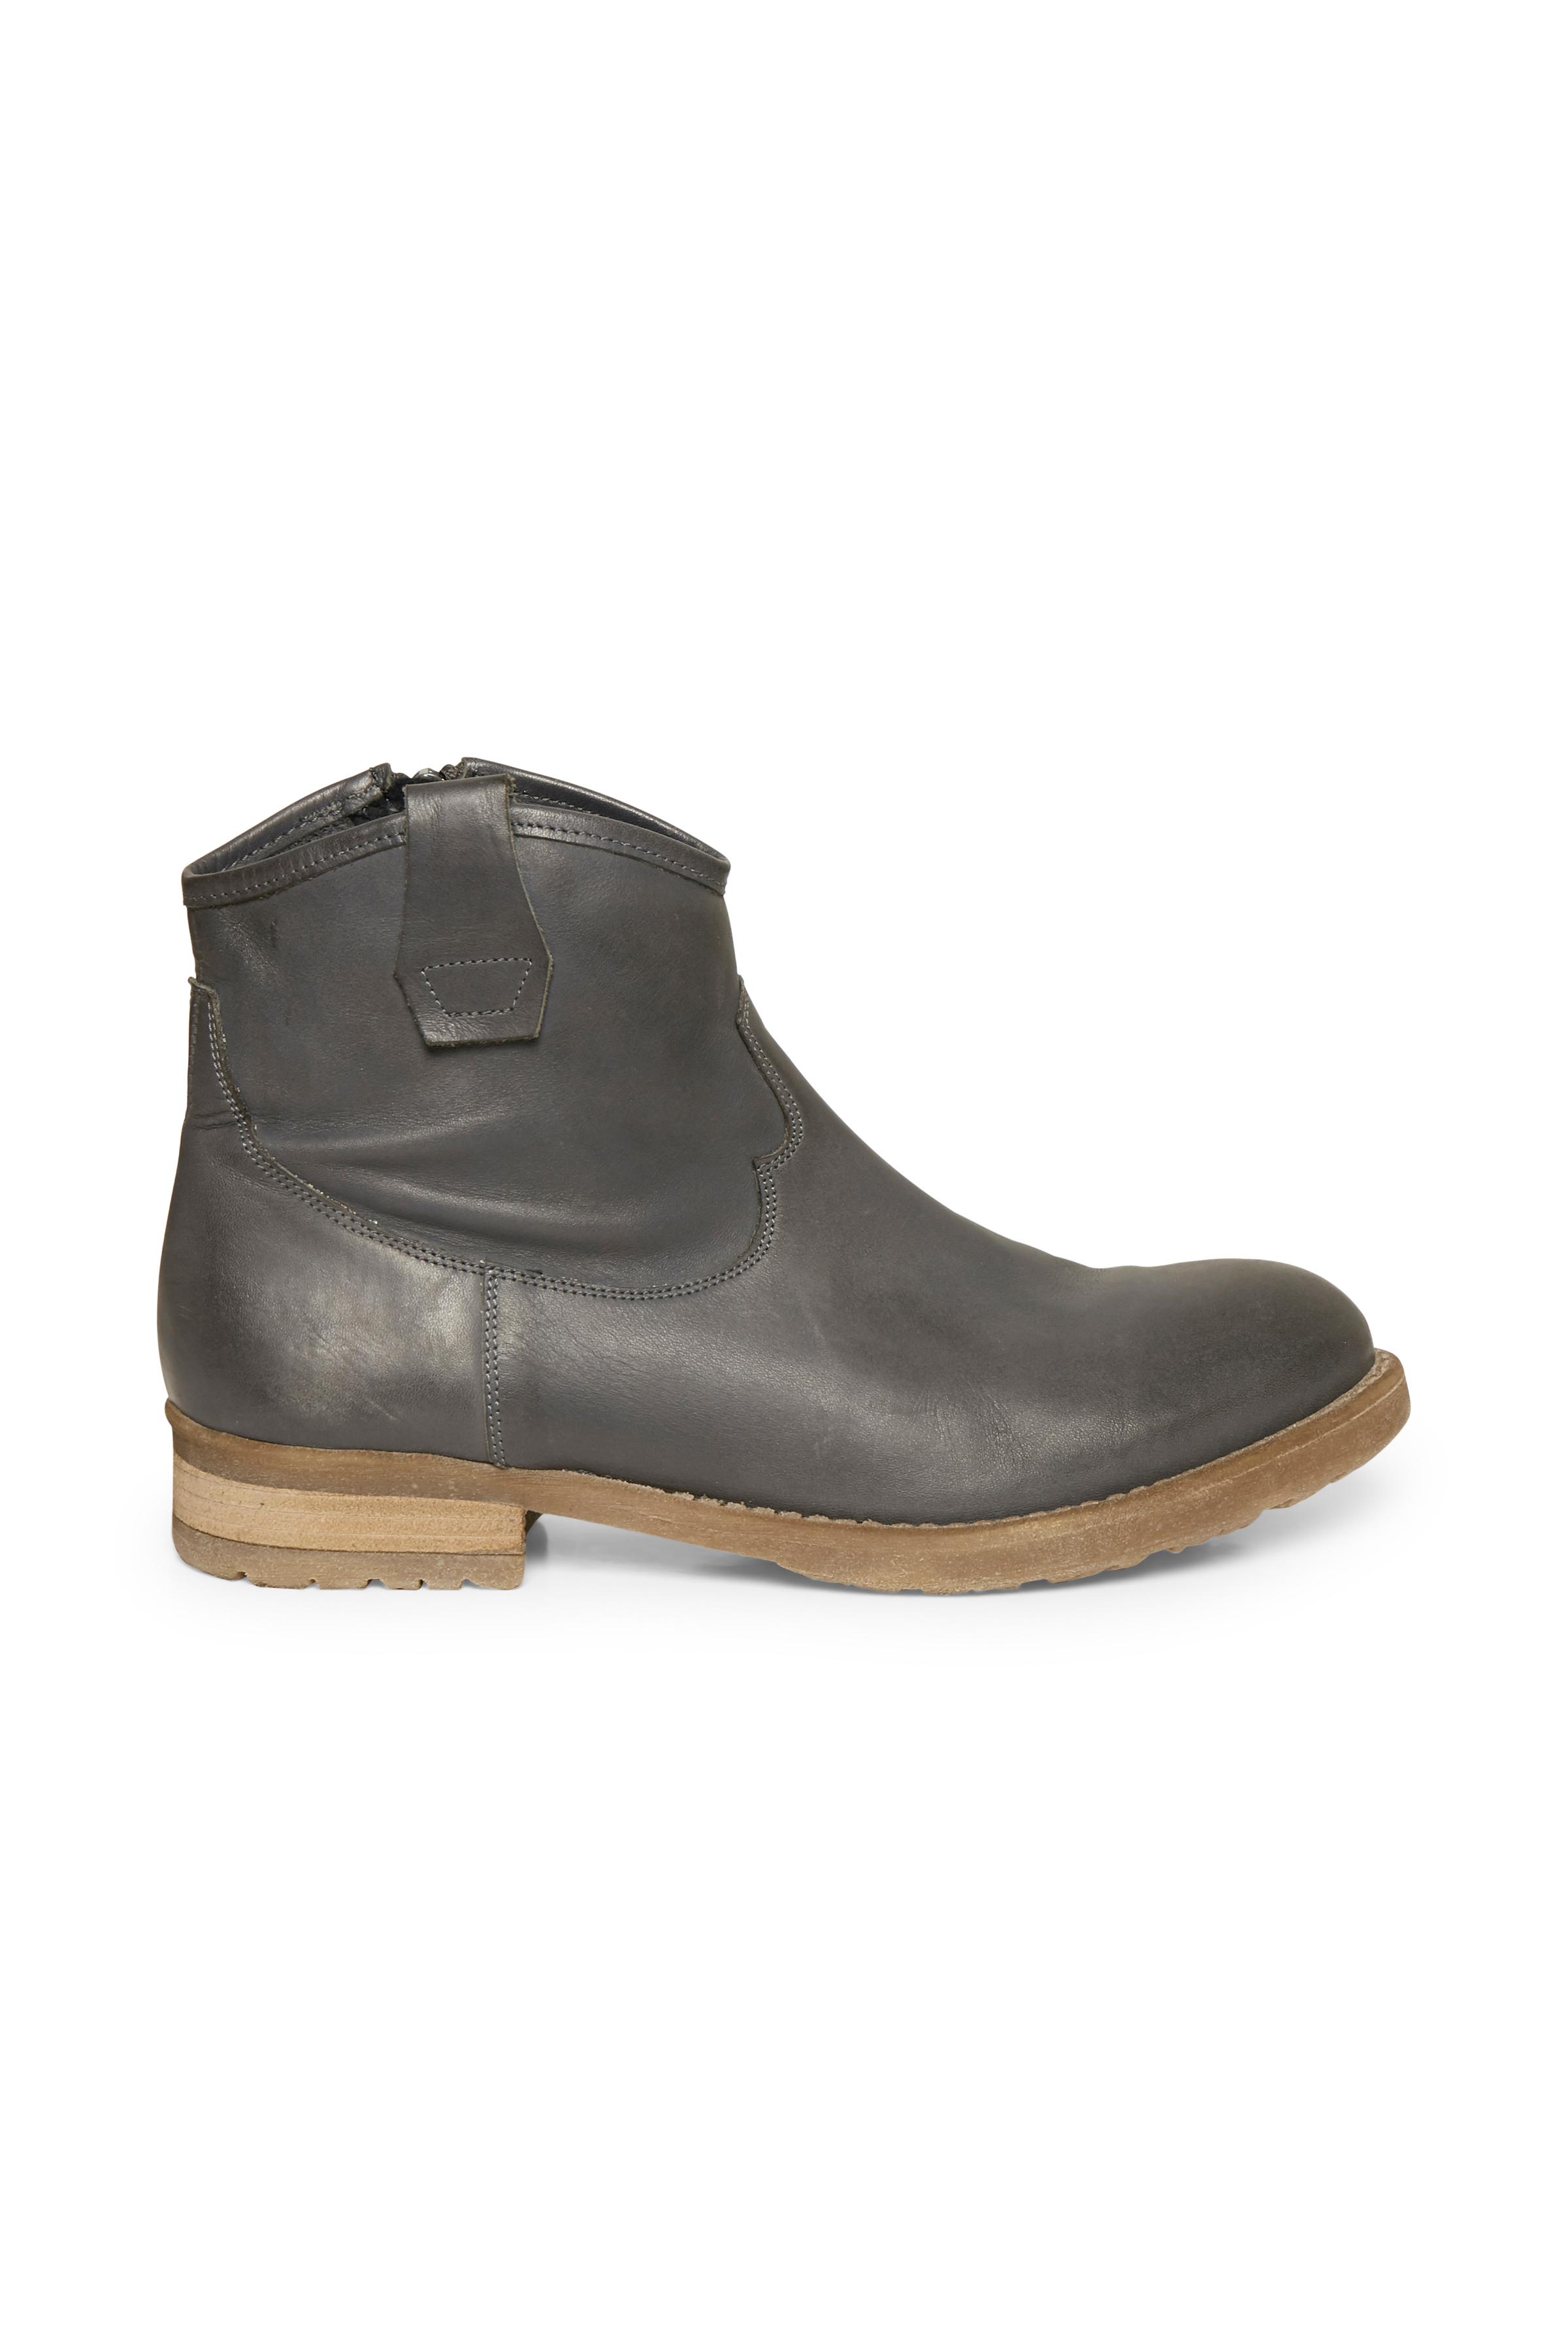 Grå Støvler fra Cream Accessories – Køb Grå Støvler fra str. 36-41 her